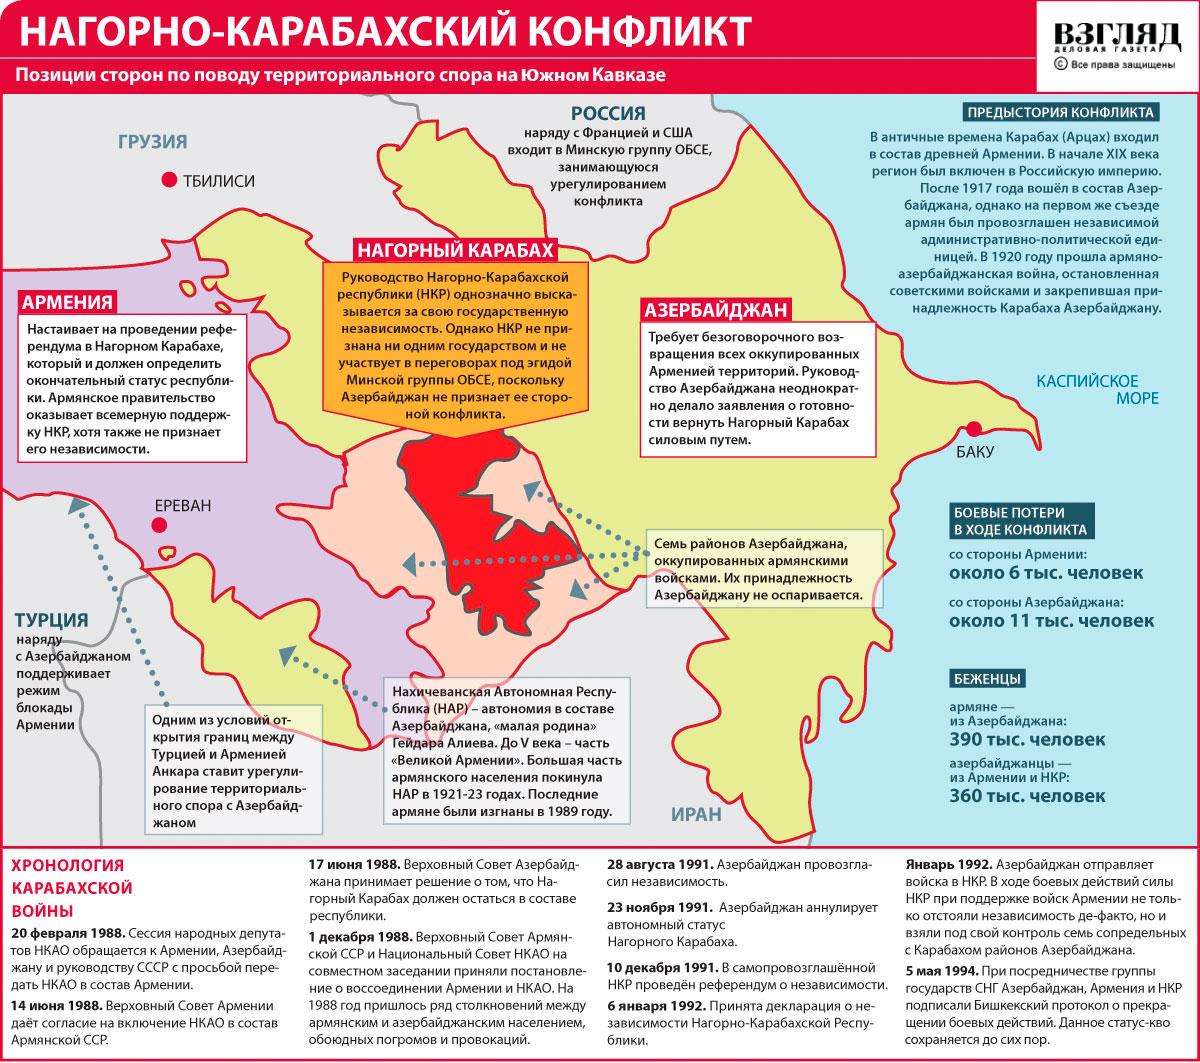 Причины и история конфликта вокруг Нагорного Карабаха